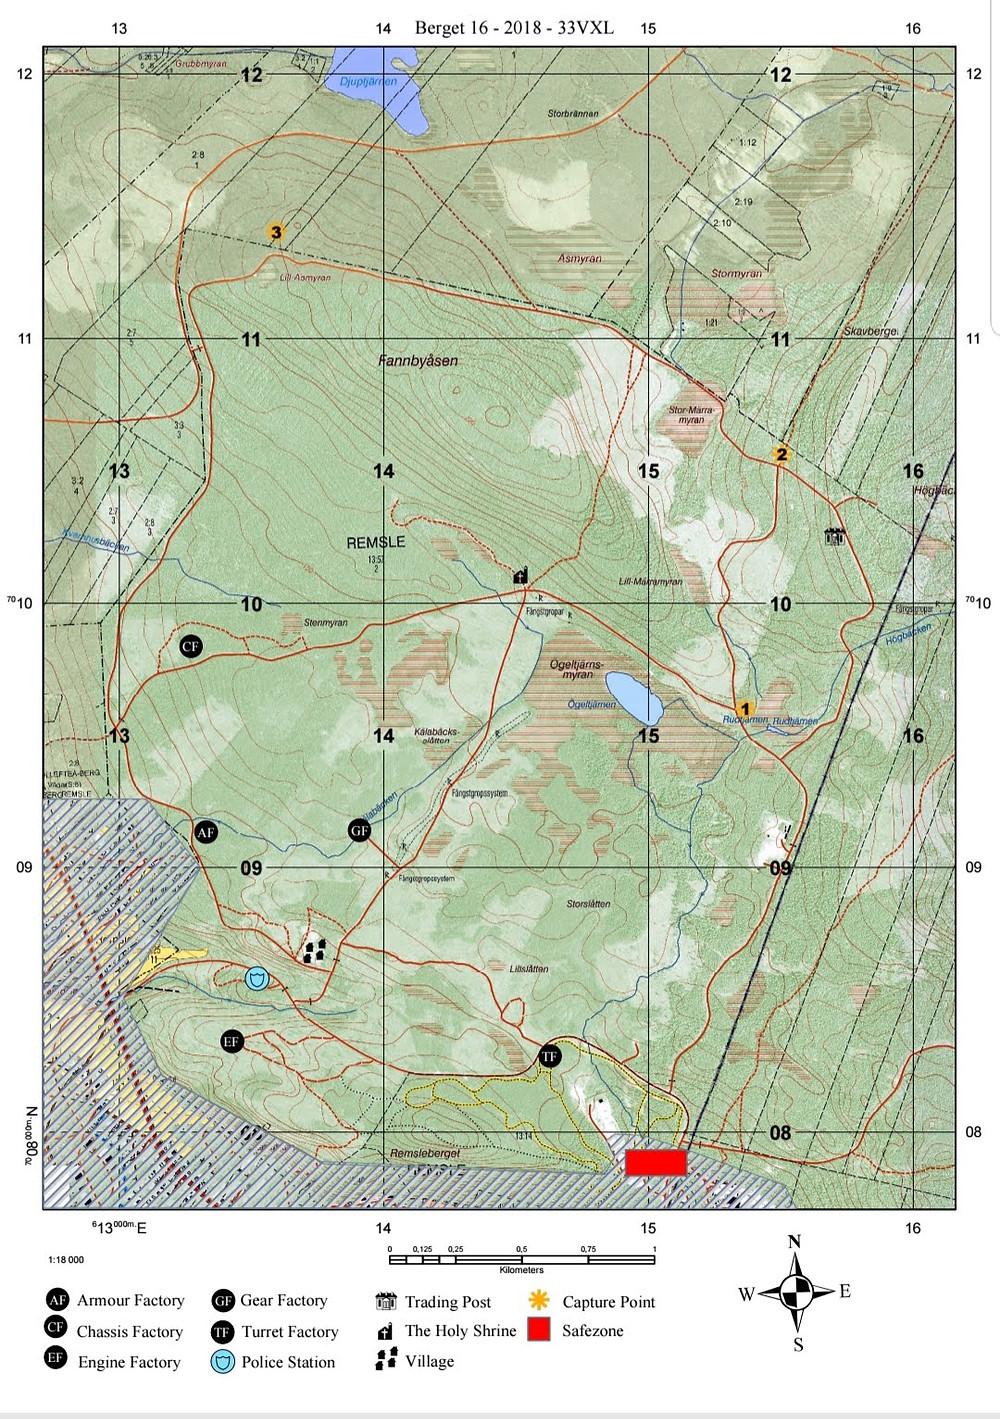 Berget-16 Map